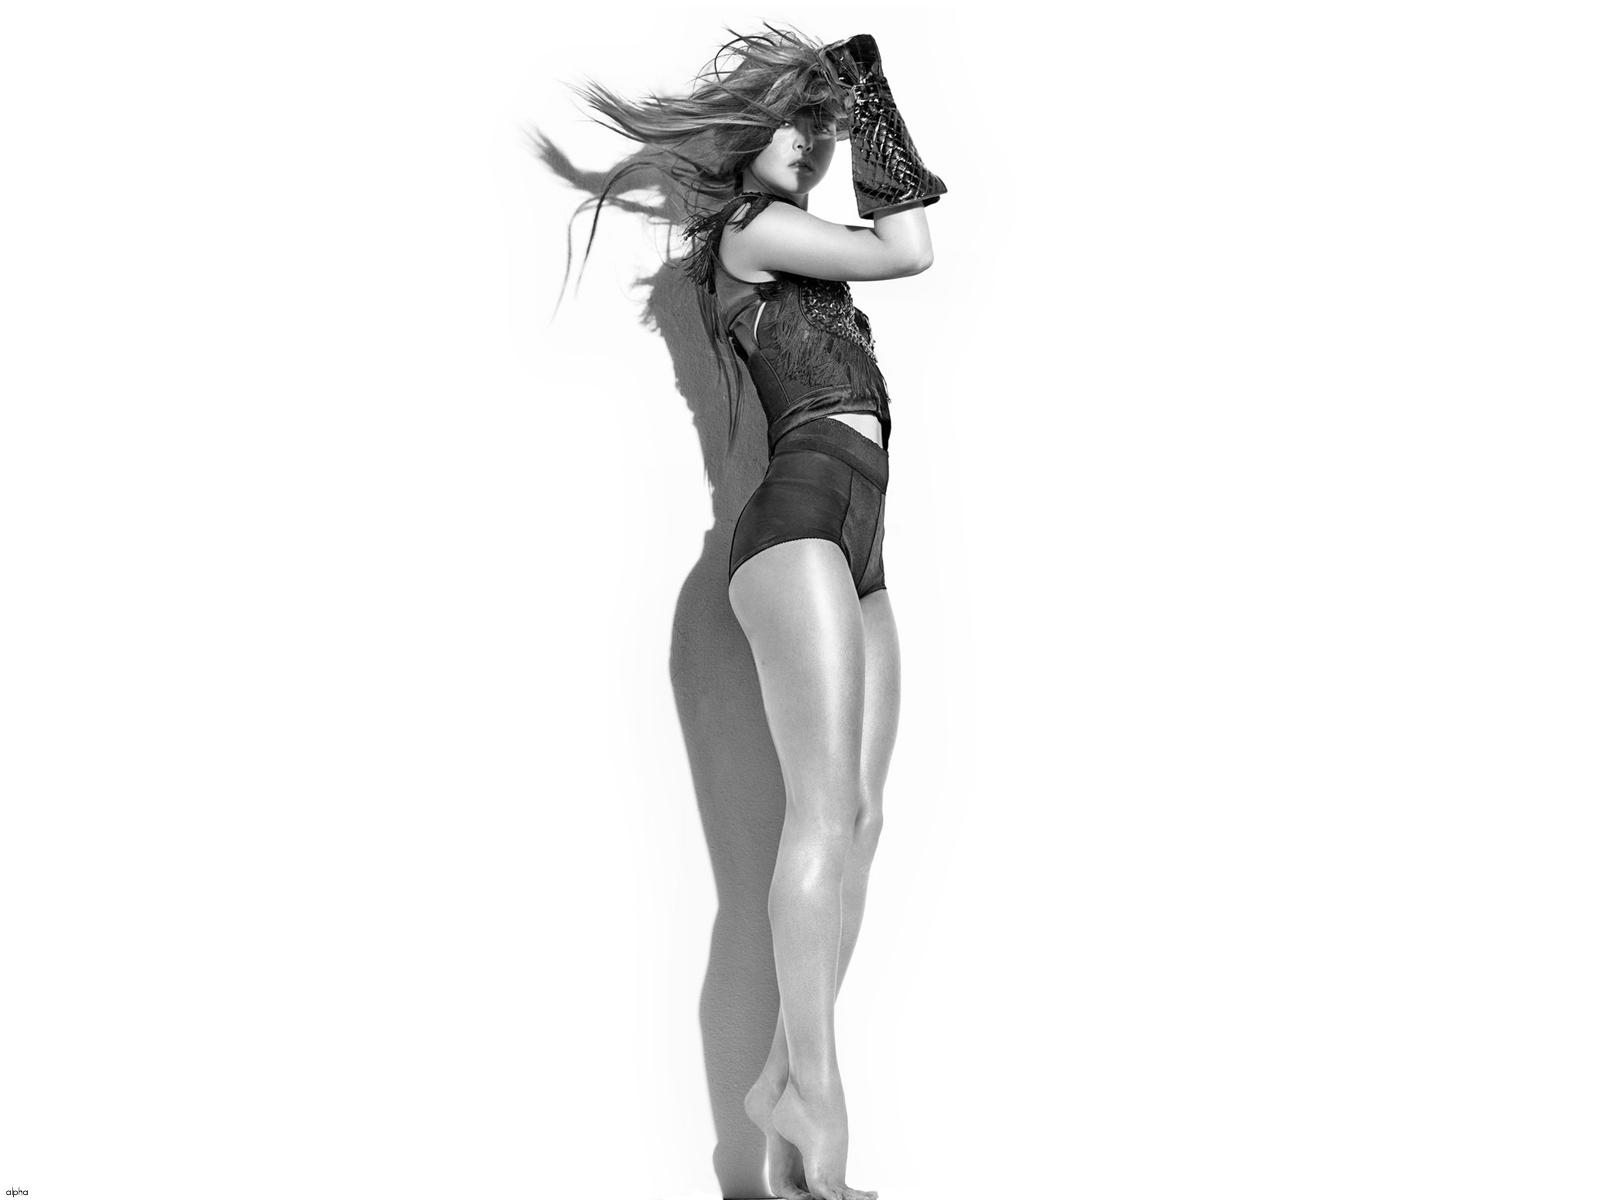 http://4.bp.blogspot.com/-tjwjQJcAkPk/T7TmvOd5XkI/AAAAAAAAQwM/-Qk905Dg4bc/s1600/devon_aoki_leggy_bustier_shorts_wallpaper.jpg